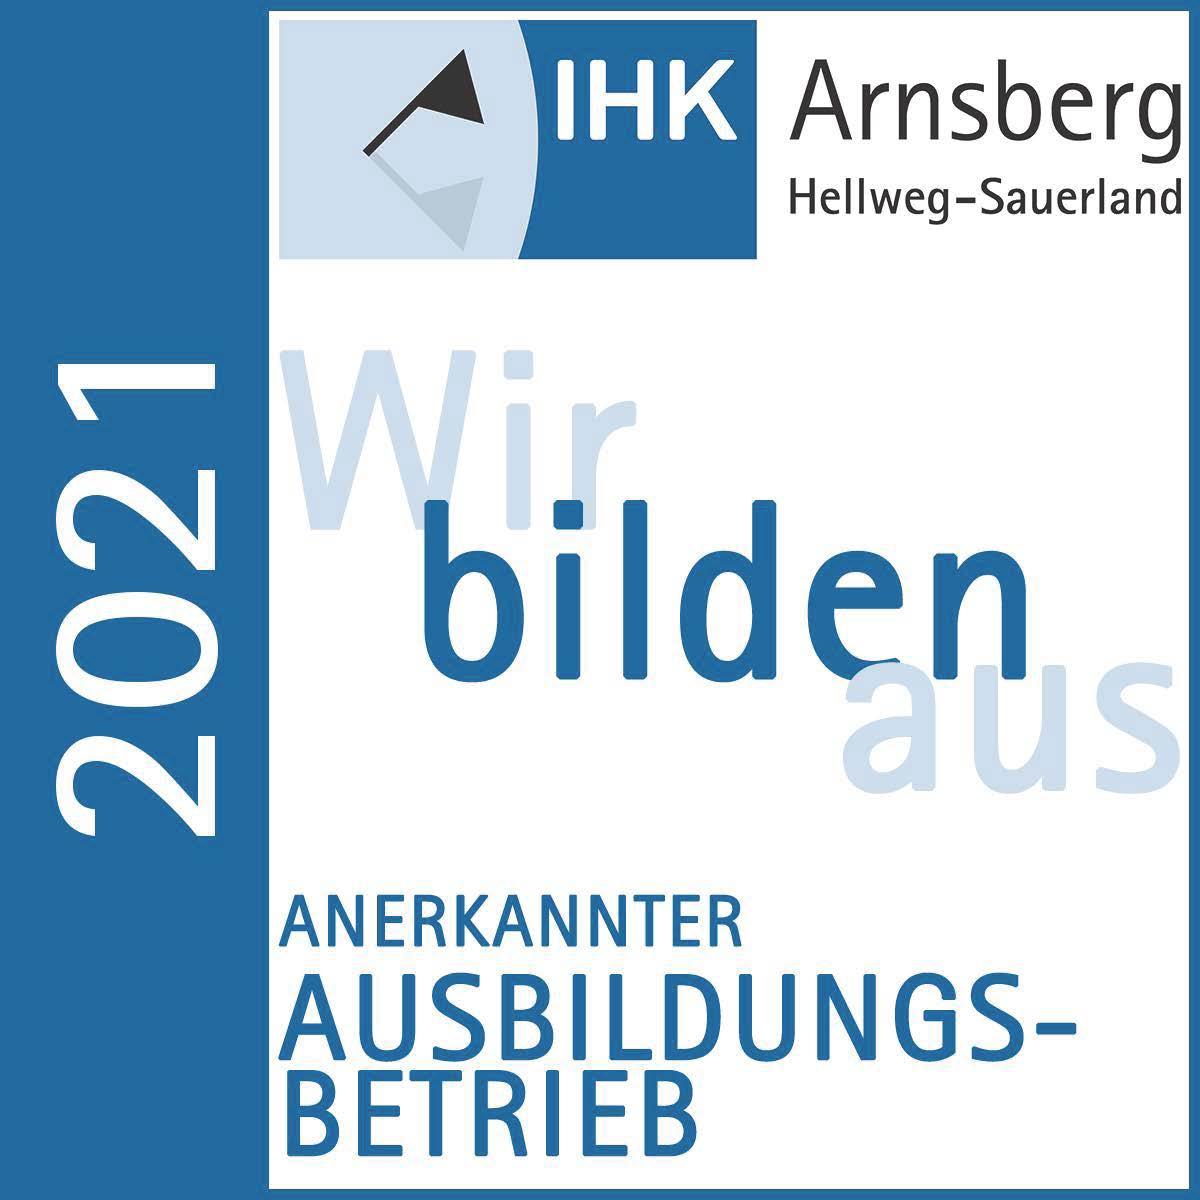 Logo Ausbildungsbetrieb von der IHK